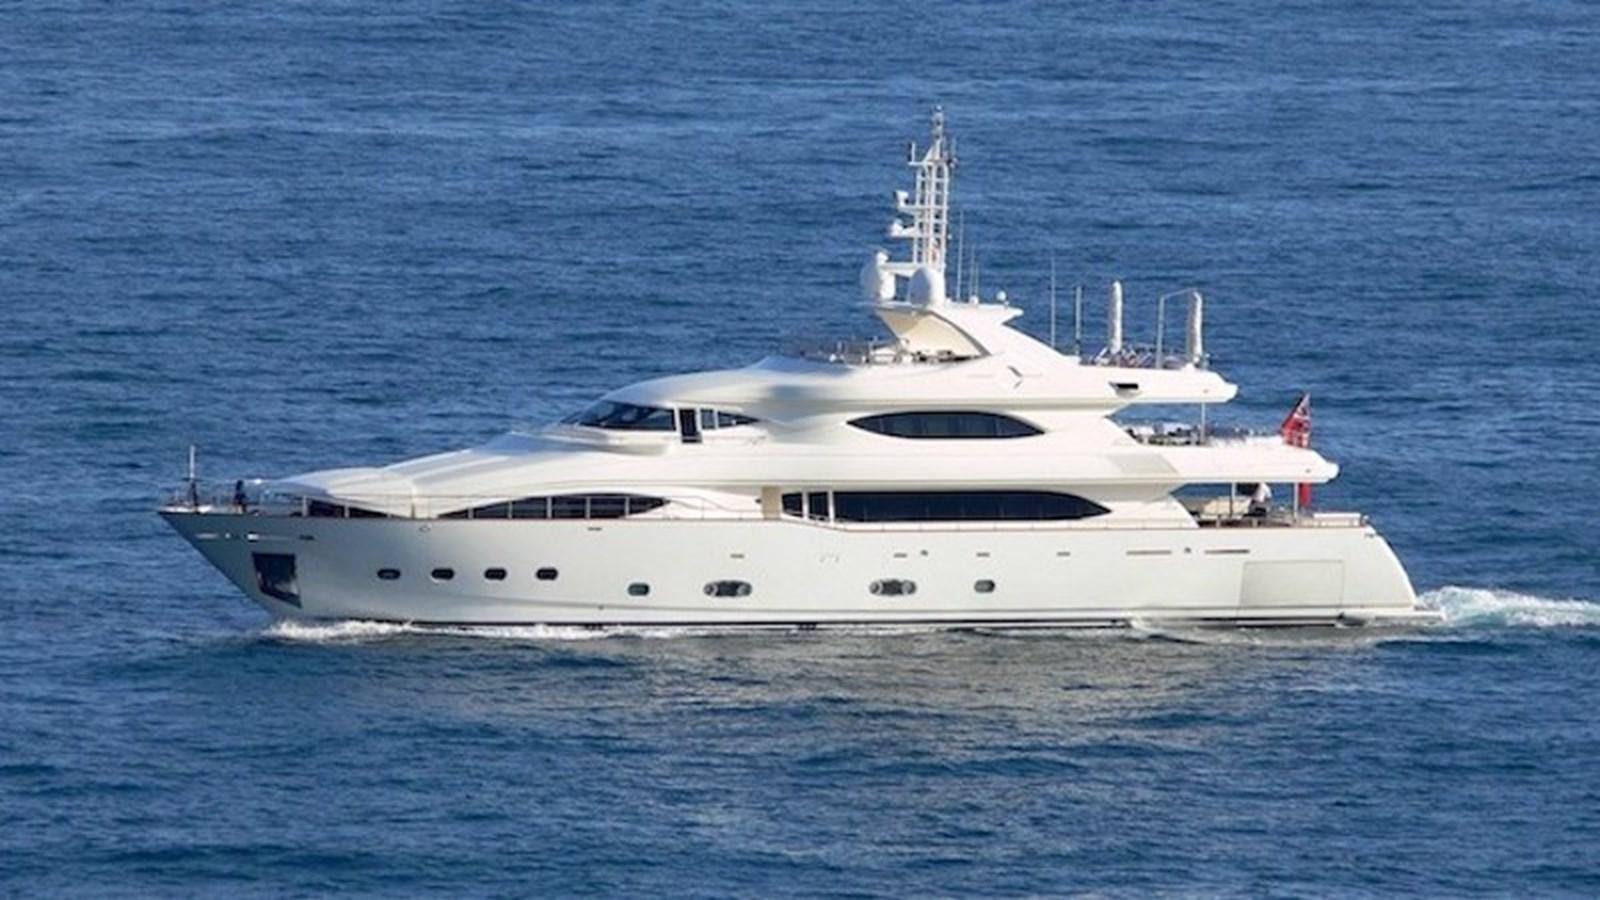 Agatha yacht for sale